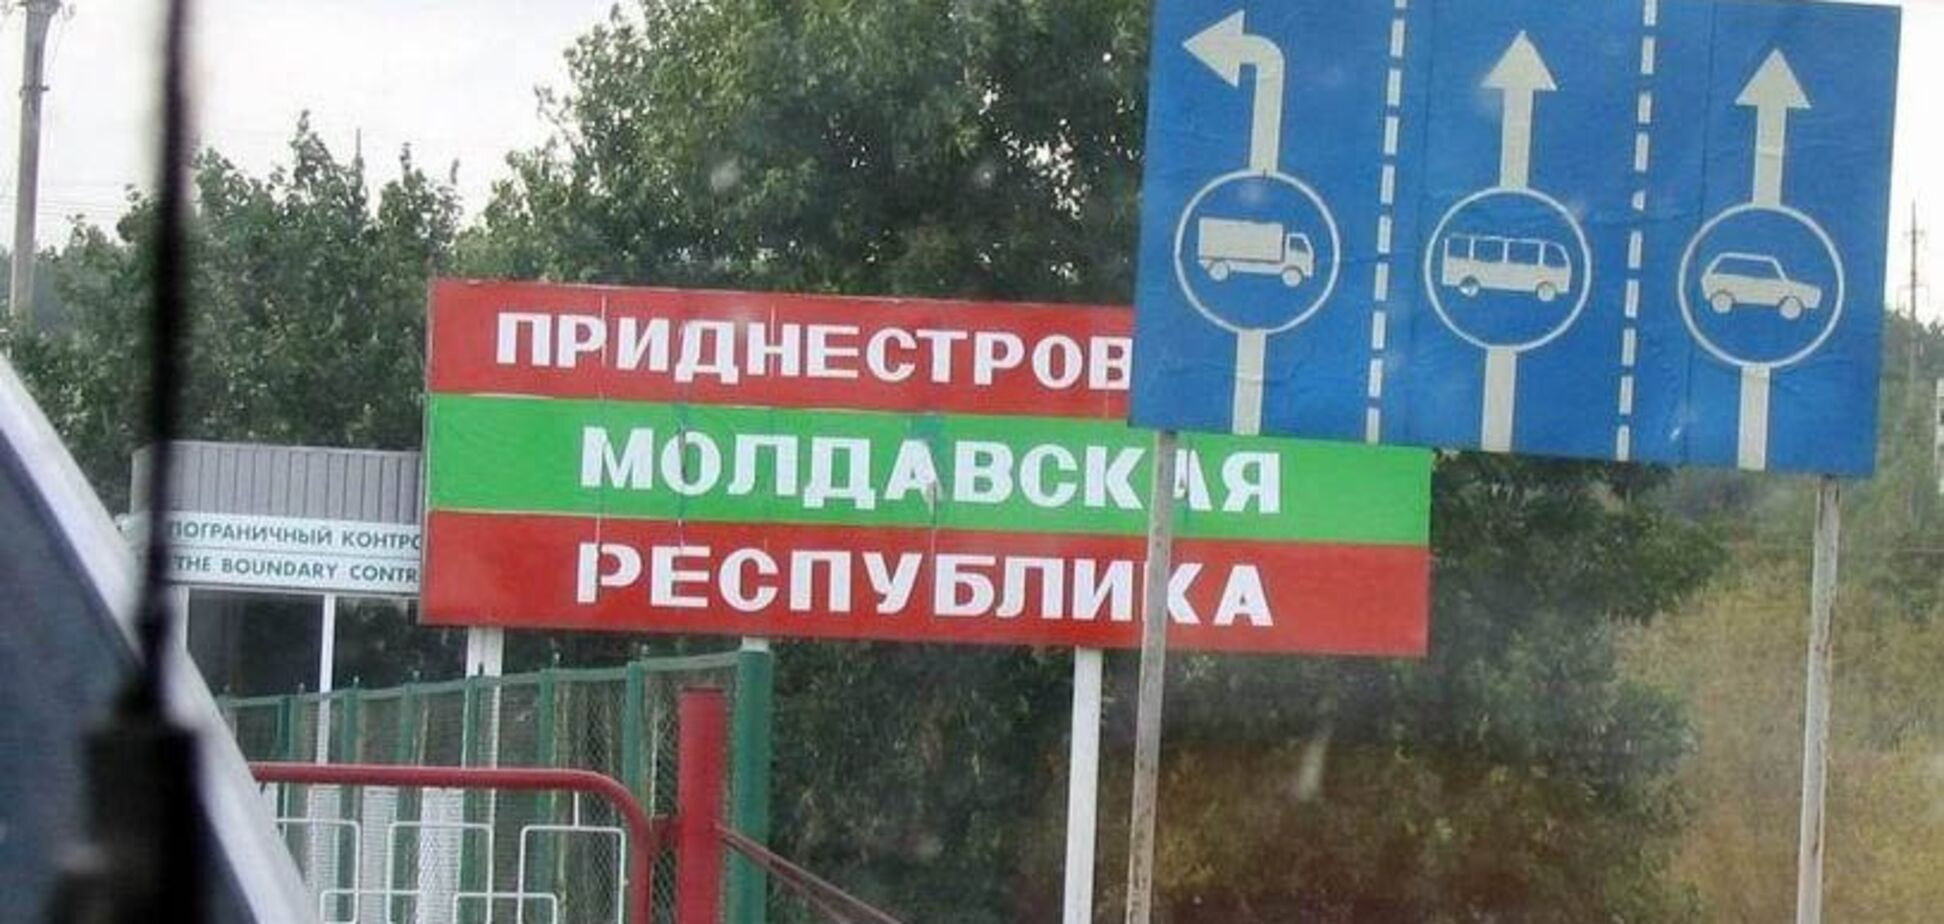 Еще один враг для России? В Раде намекнули на появление у Украины нового союзника